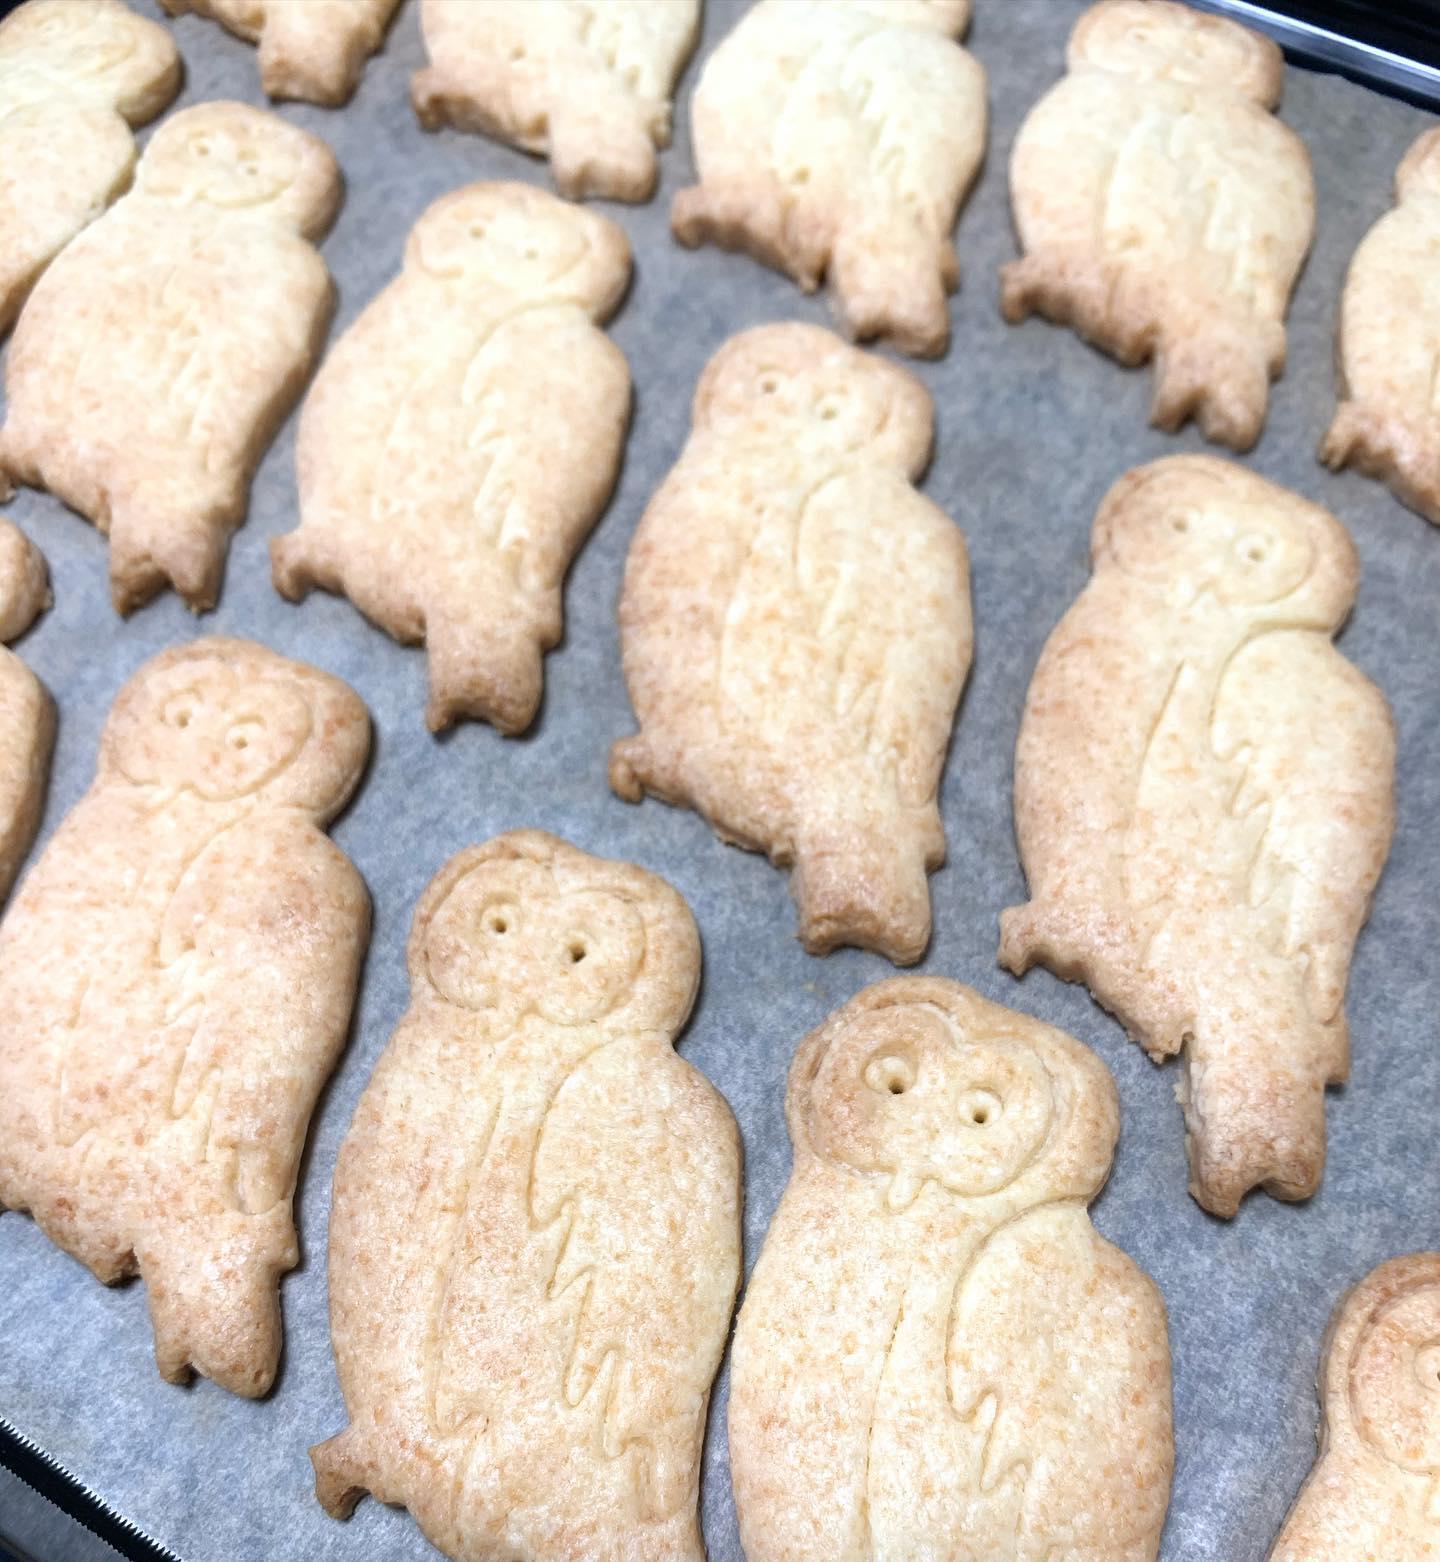 森のふくぞうクッキーこんにちはFIKACOFFEEエリカです☆ただ今ランチやってまーす今日はエビと野菜のグリーンカレーと温玉のせカルボナーラだよーー️️クッキーは今回4種焼いてます😙★森のふくぞうクッキー★ツトムのココナッツクッキー★山本マルオクッキー★茶ぐまクッキーです(o^^o)緊急事態宣言中は平日土日祝日ともに18時閉店ですFIKA COFFEE(フィーカ コーヒー)福岡県福岡市博多区下川端町3-1 博多リバレイン1FTEL0922926601営業時間→平日9:00〜20:00  土日祝9:00〜18:00店休日→不定休(早く閉めたり休んだりすることもあります。お許しください)#cafe#coffee#fika#fikacoffee#福岡#福岡グルメ#福岡カフェ#博多#博多カフェ#中洲#博多座#福岡アジア美術館#クッキー#福岡クッキー#cookie#くまチョコミルク#ランチ#ティラミス#フレンチトースト#ummp#うむぷ#あふれる想い#赤毛のマチコ